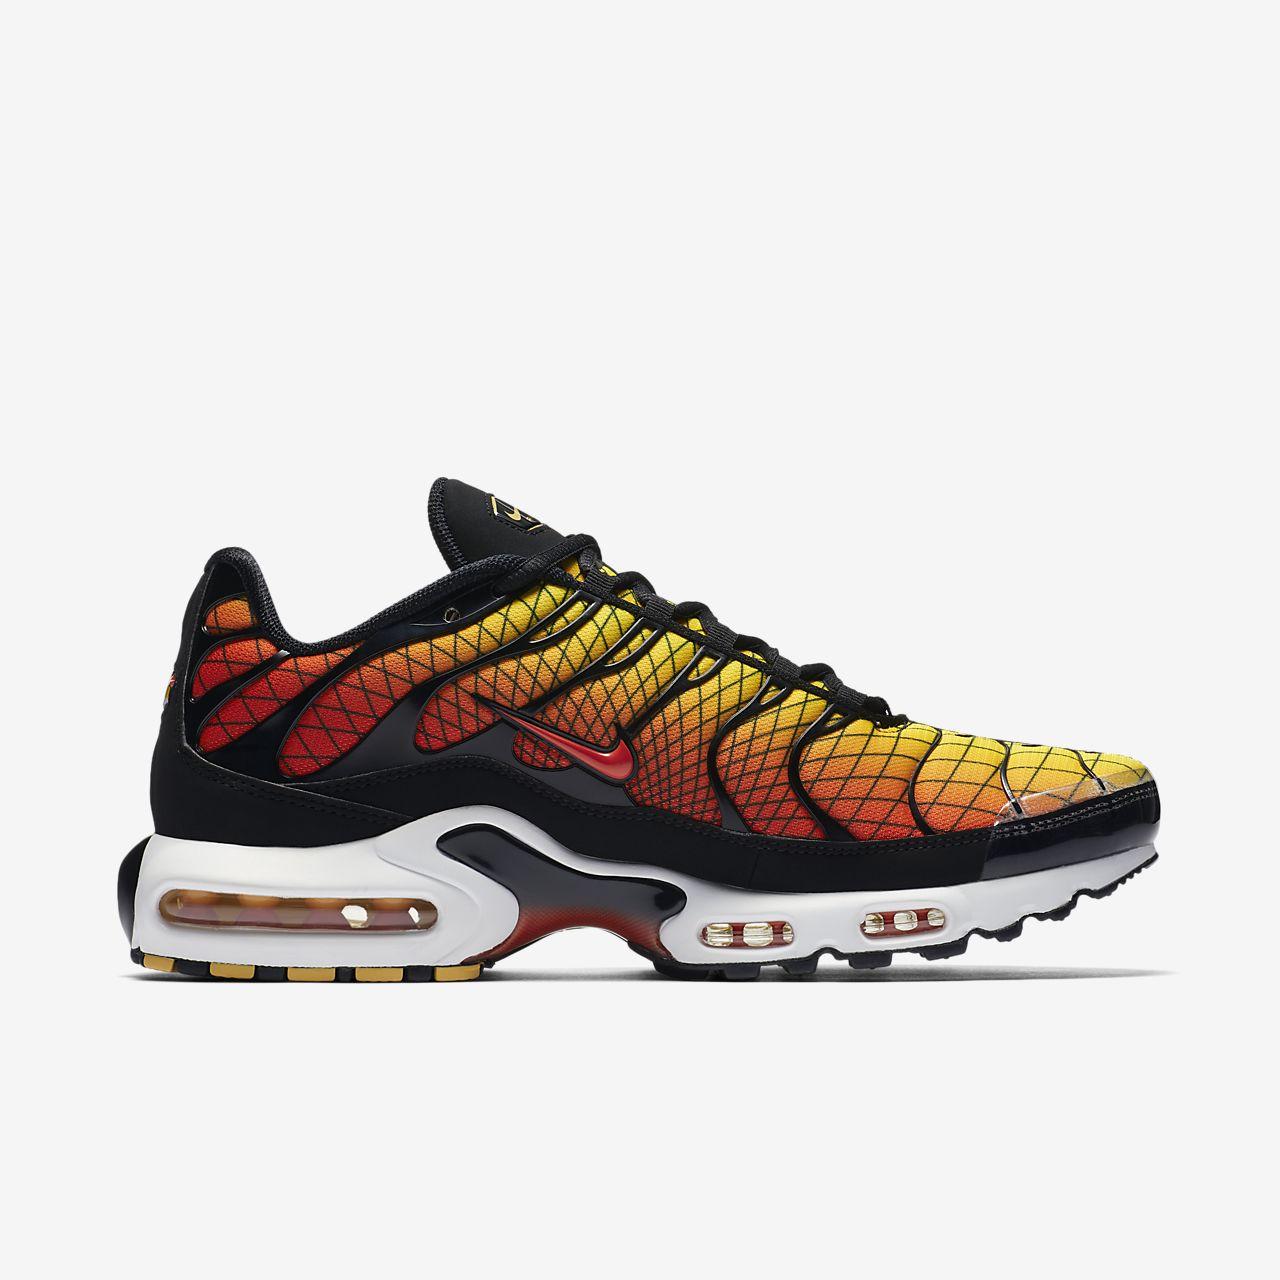 meet 73a9c 4d364 ... Nike Air Max Plus TN SE Men s Shoe